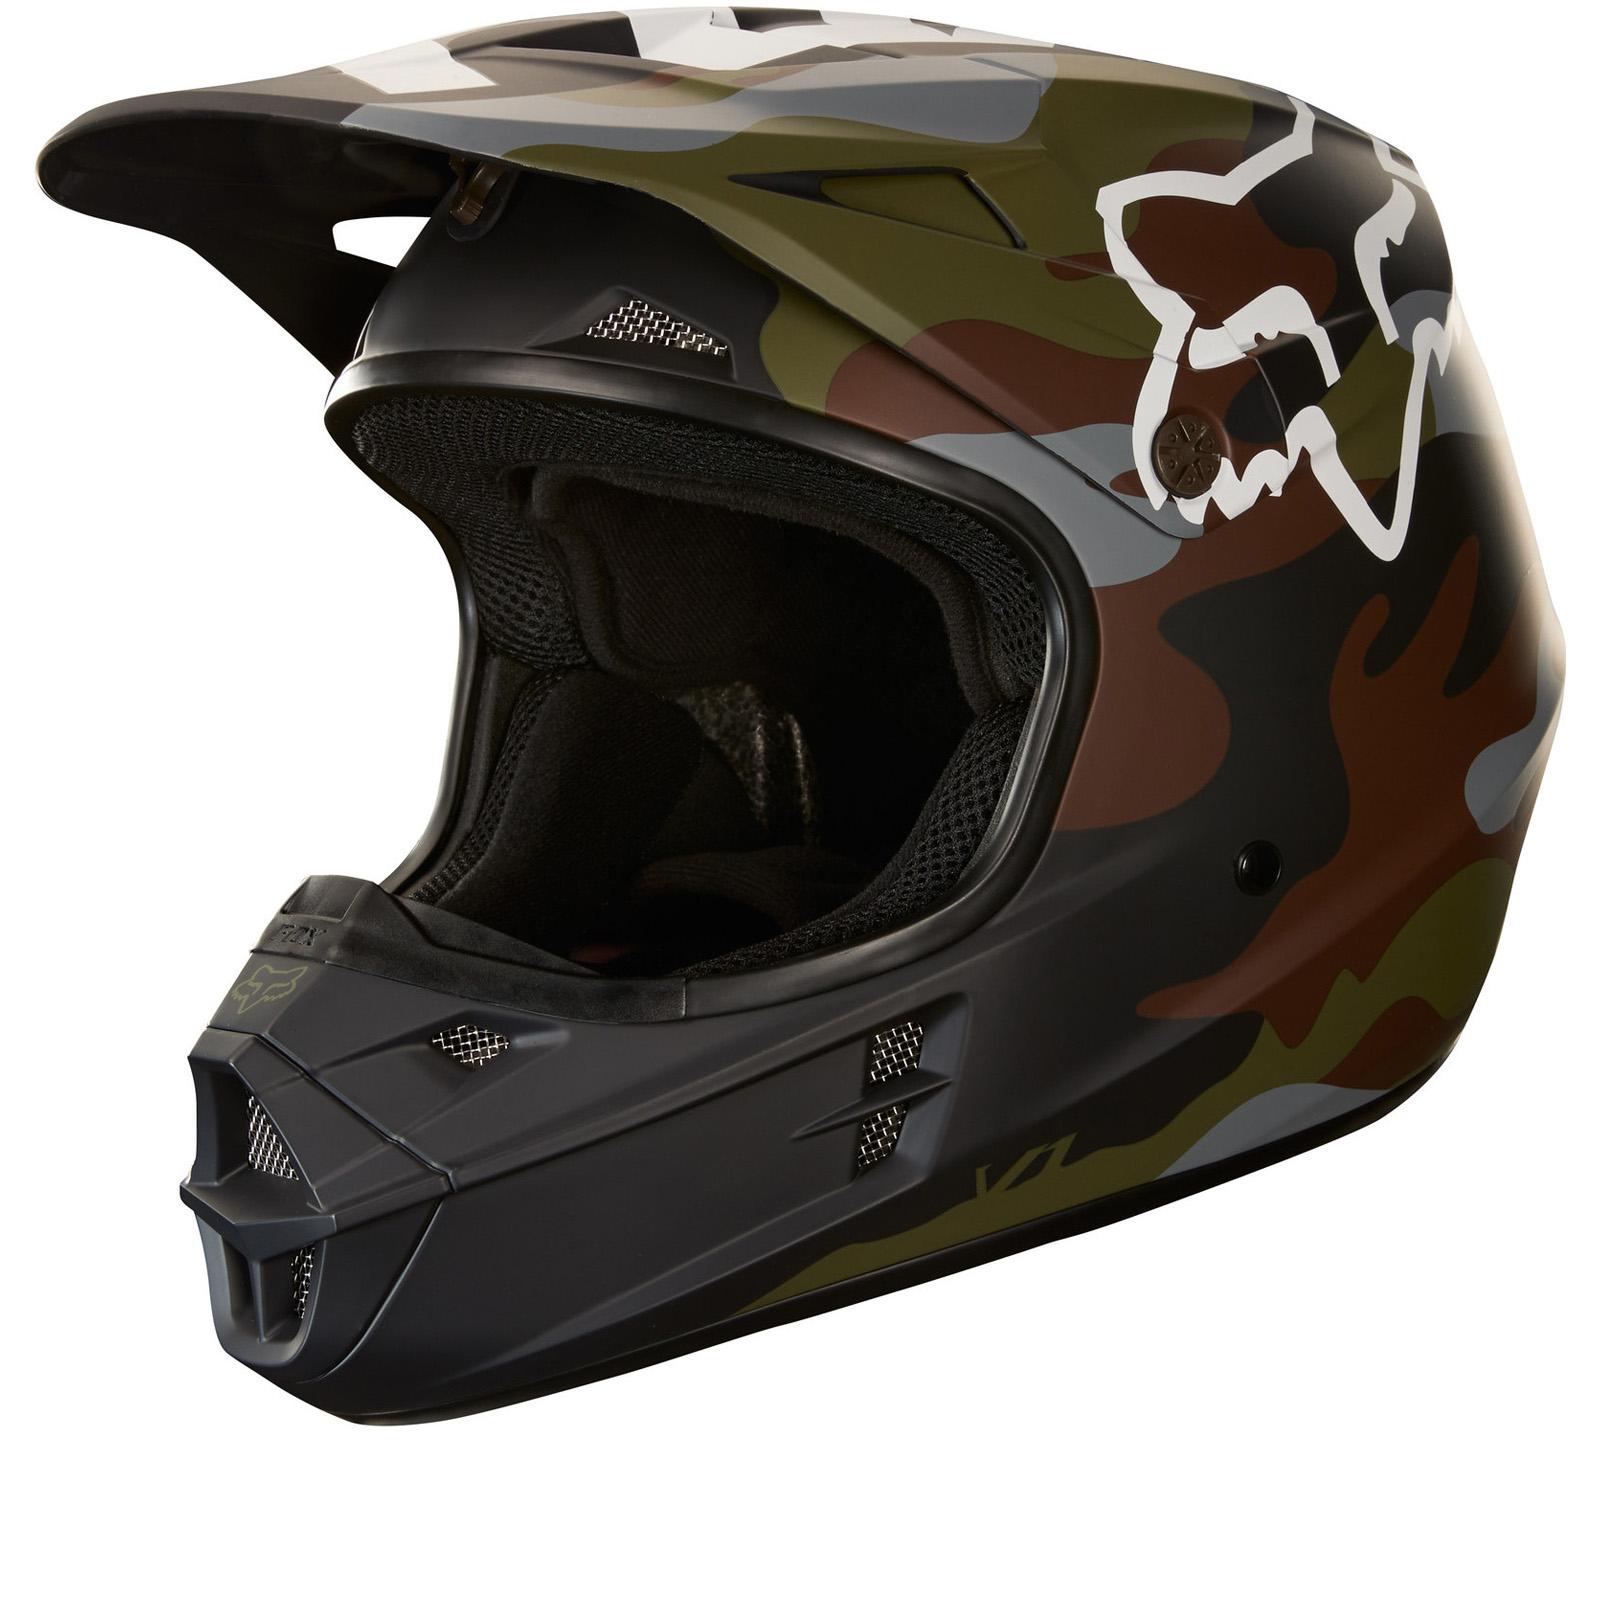 Fox Racing V1 Camo Motocross Helmet - Helmets - Ghostbikes.com Fox Racing Camo